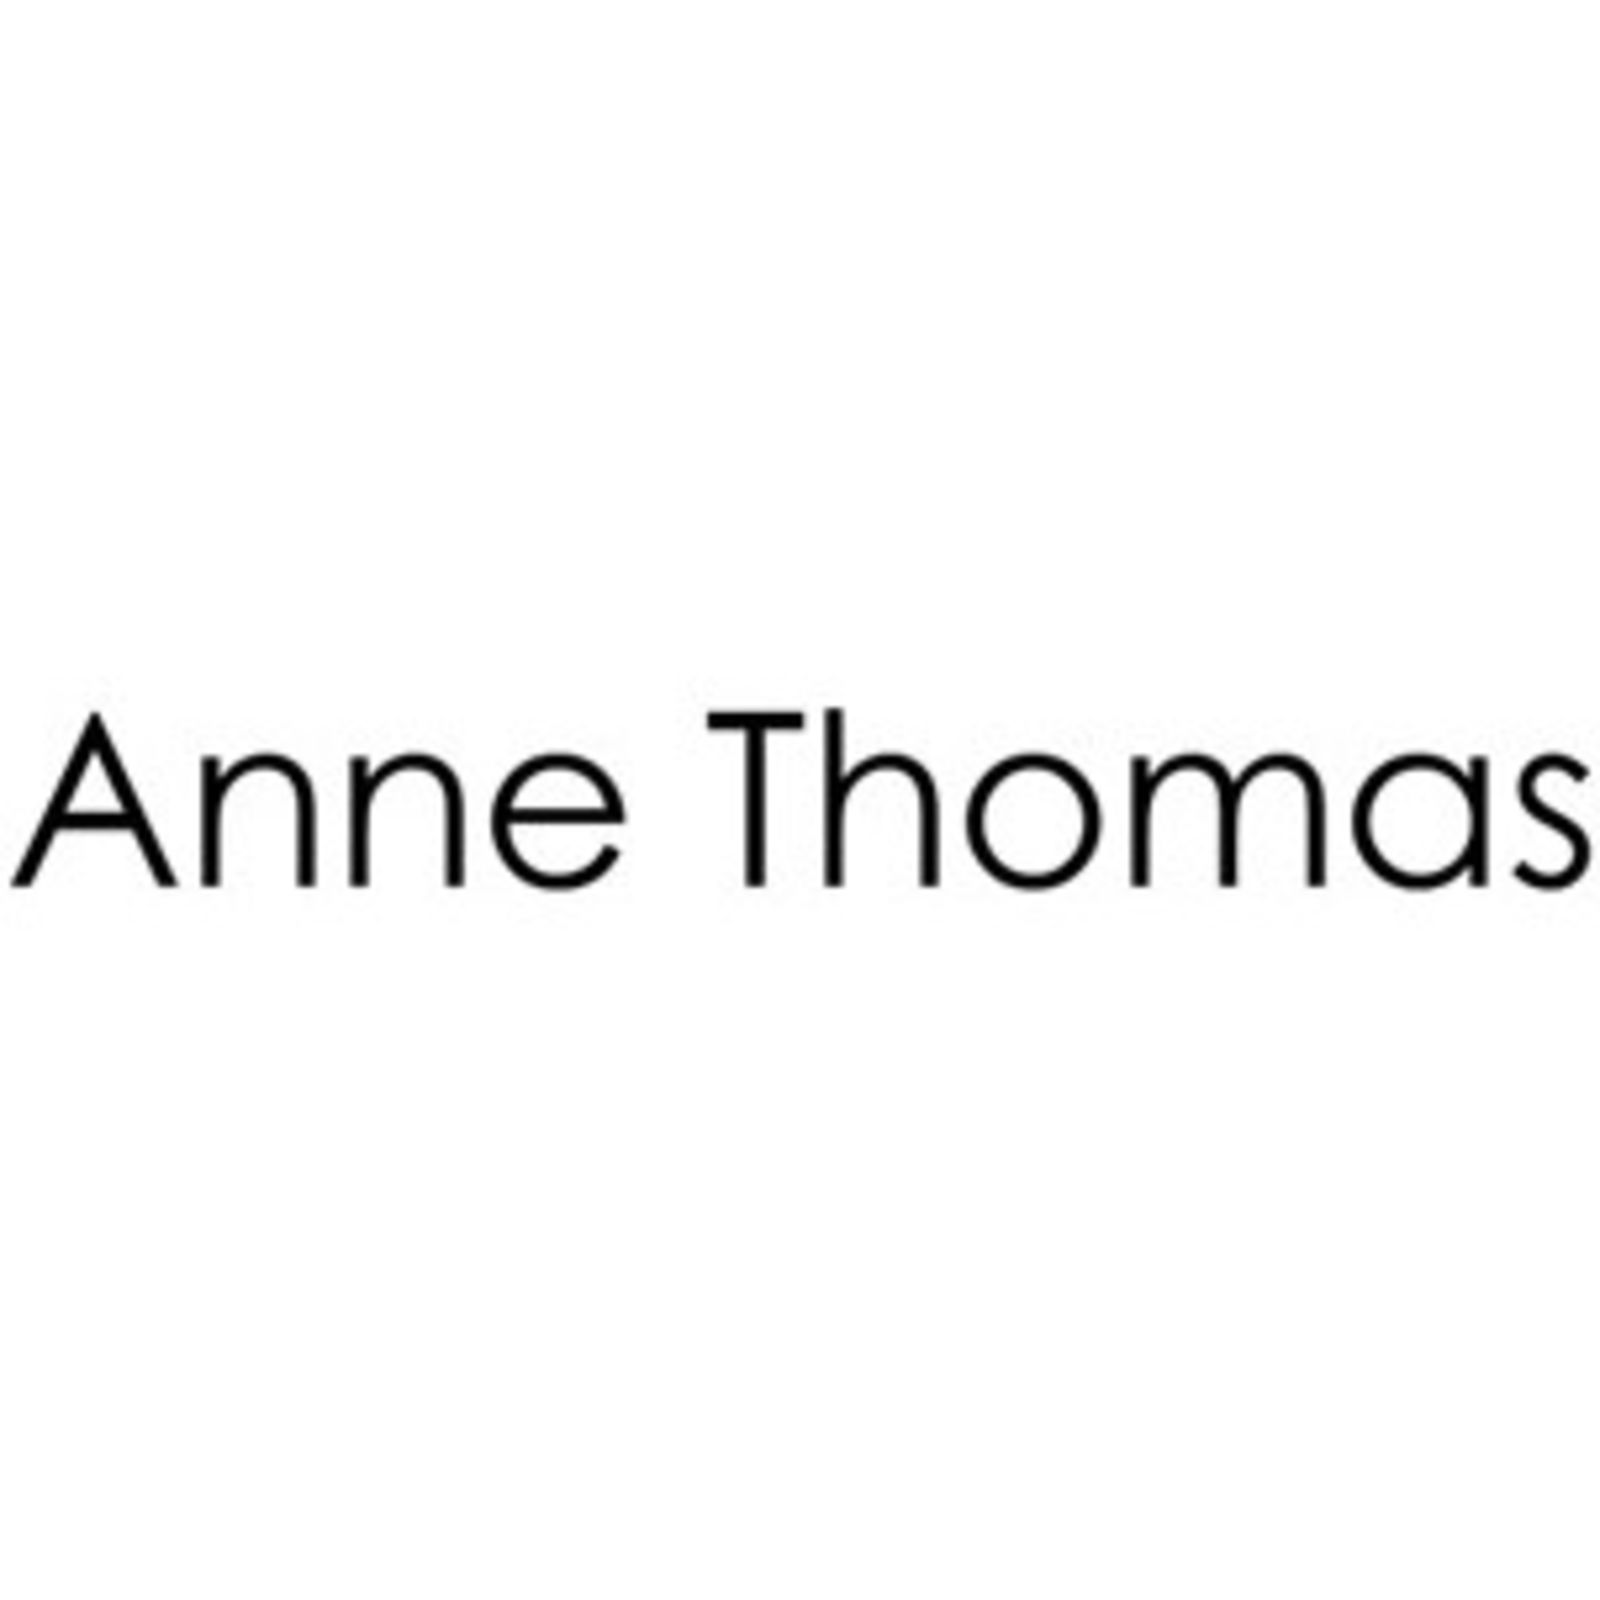 Anne Thomas